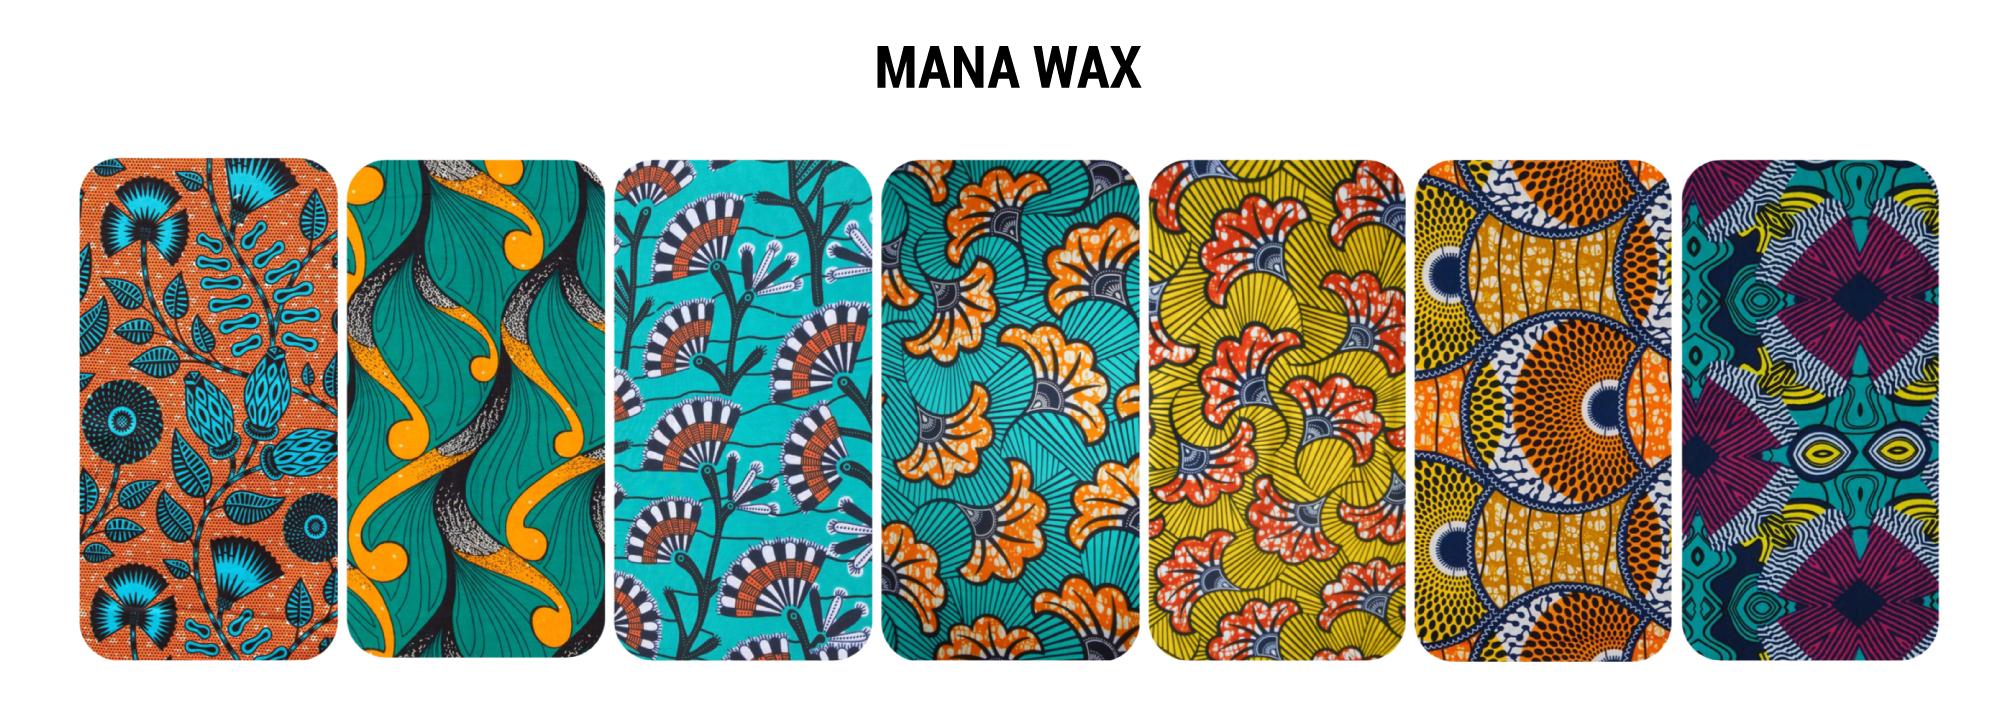 MANA edition wax